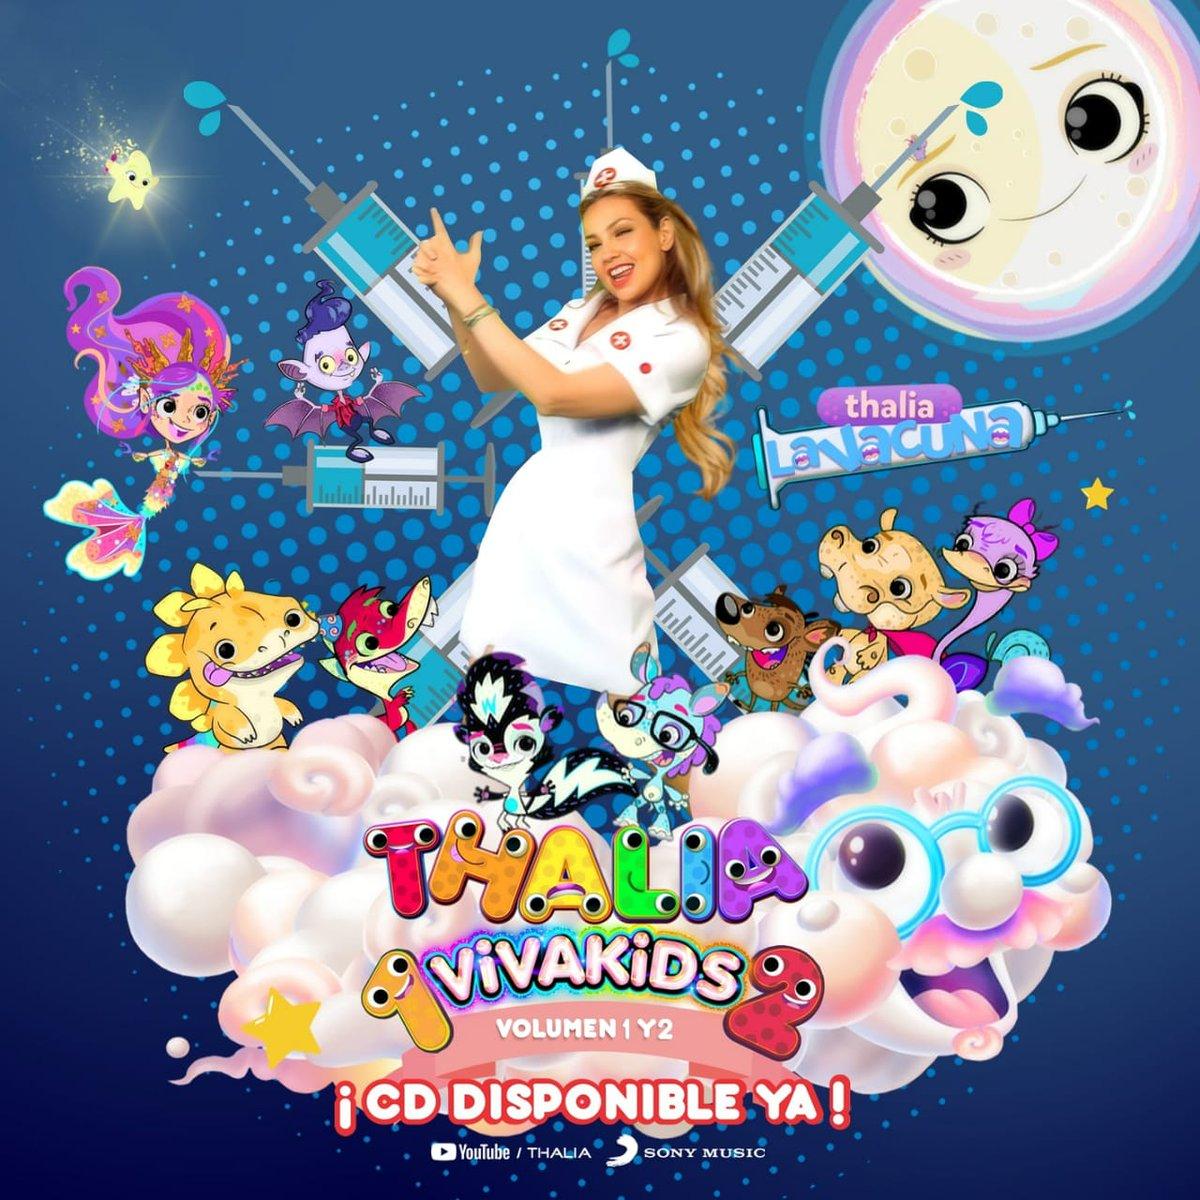 🎅 ¡ No te pierdas los mejores videos  de @thalia #VivaKids en su edición especial #VivaKids1y2 💋🤍🌡🚑 y disfruta #LaVacuna y muchos éxitos más especialmente para chicos y grandes ! 🤍❤ #LaVacuna #VIVAKIDS #VivaKids  #MDCCDMX @thalia @mdcthalia @mdc_cd_mexico 💙🌎💙